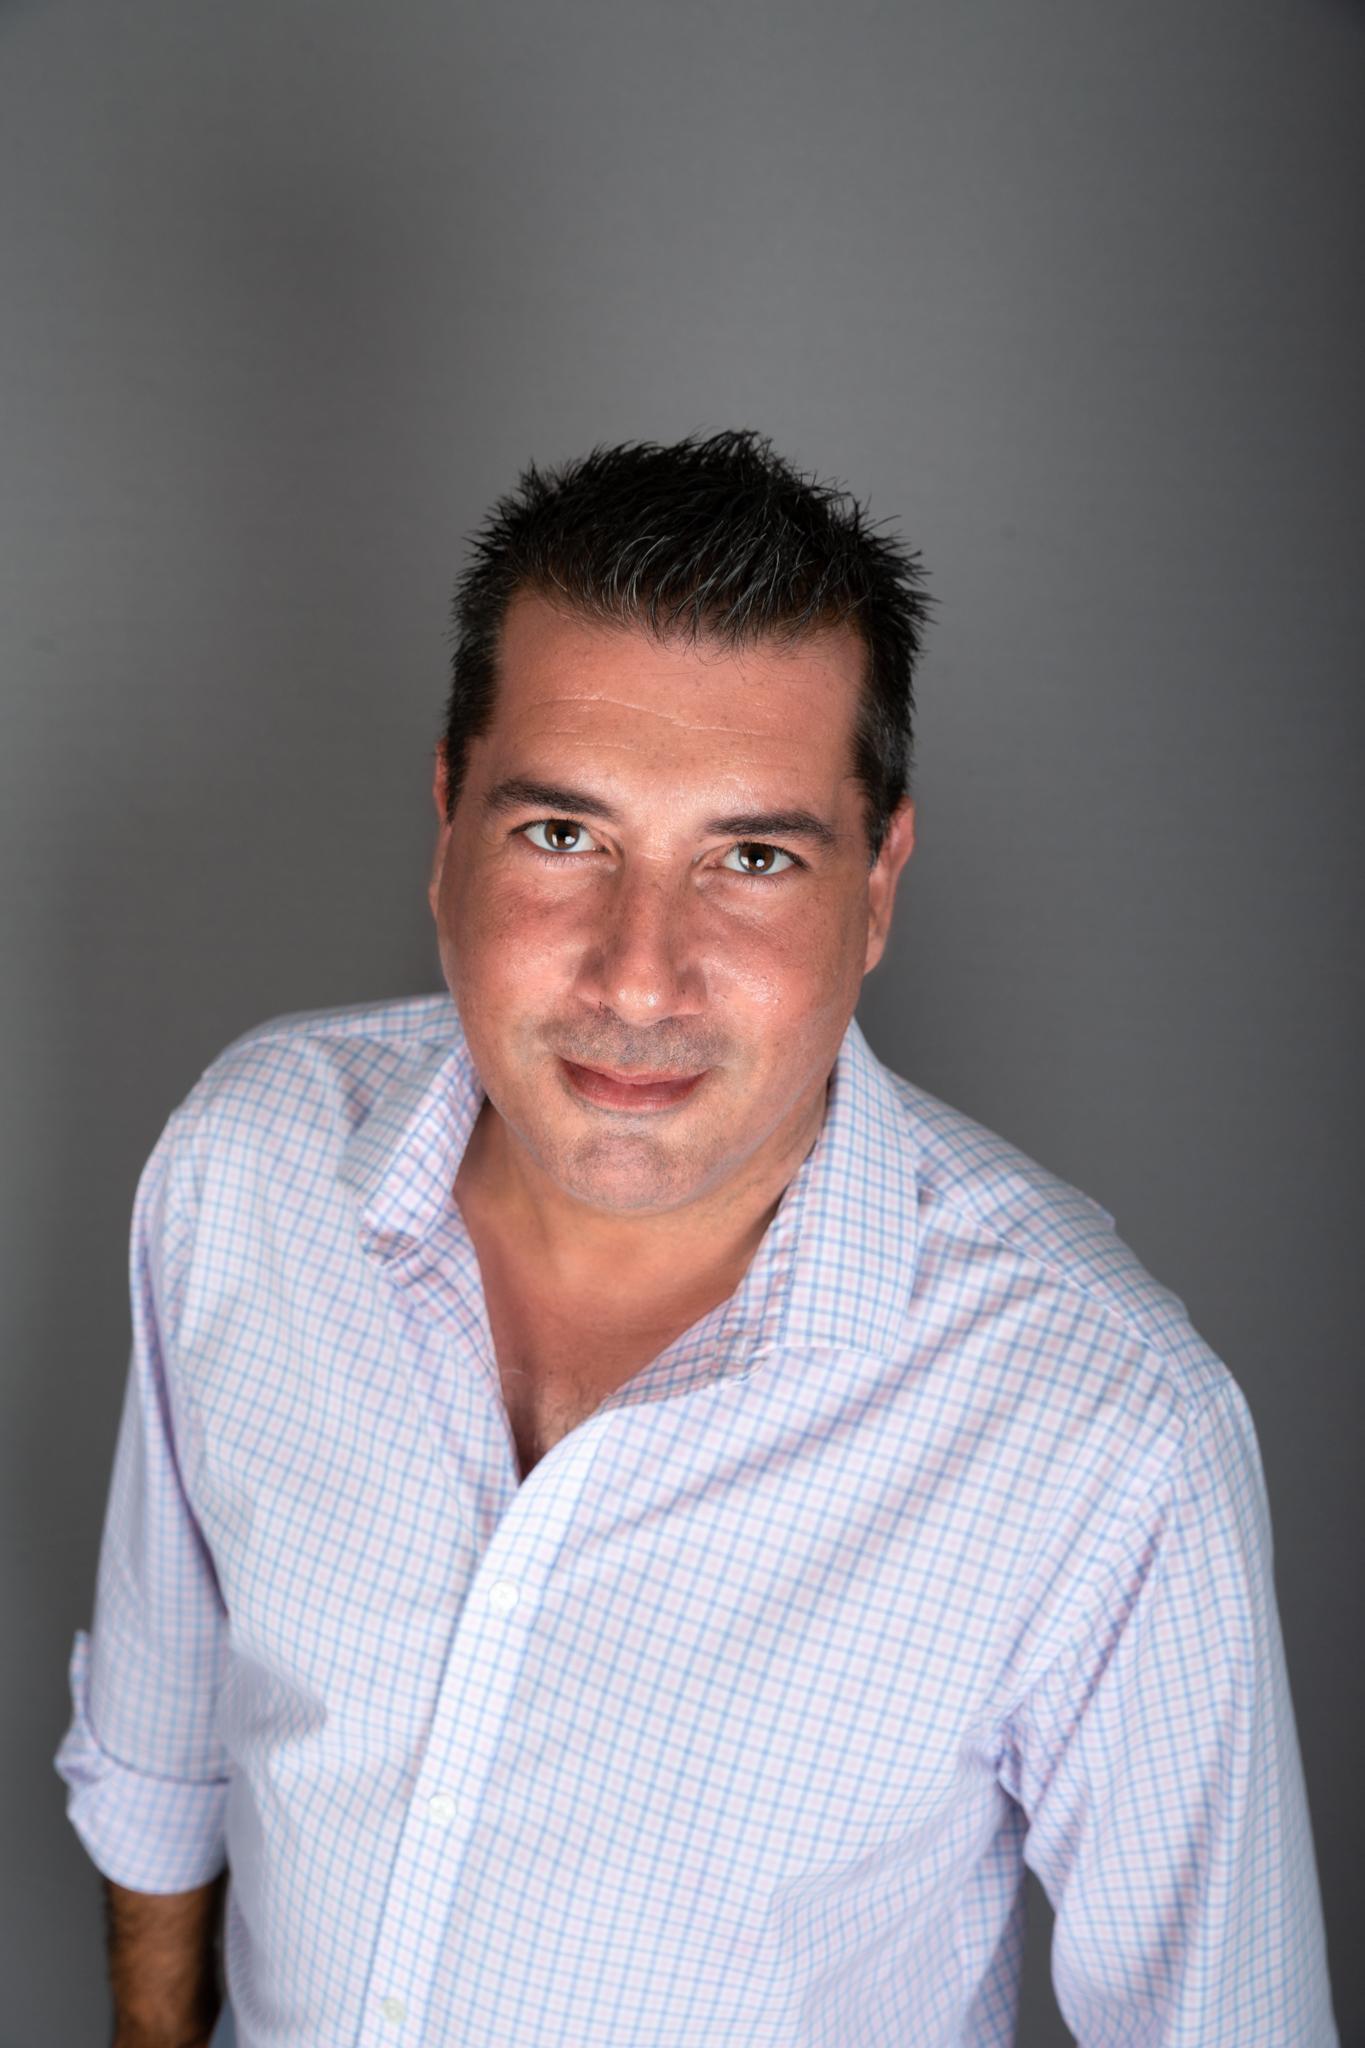 Eric Schuell